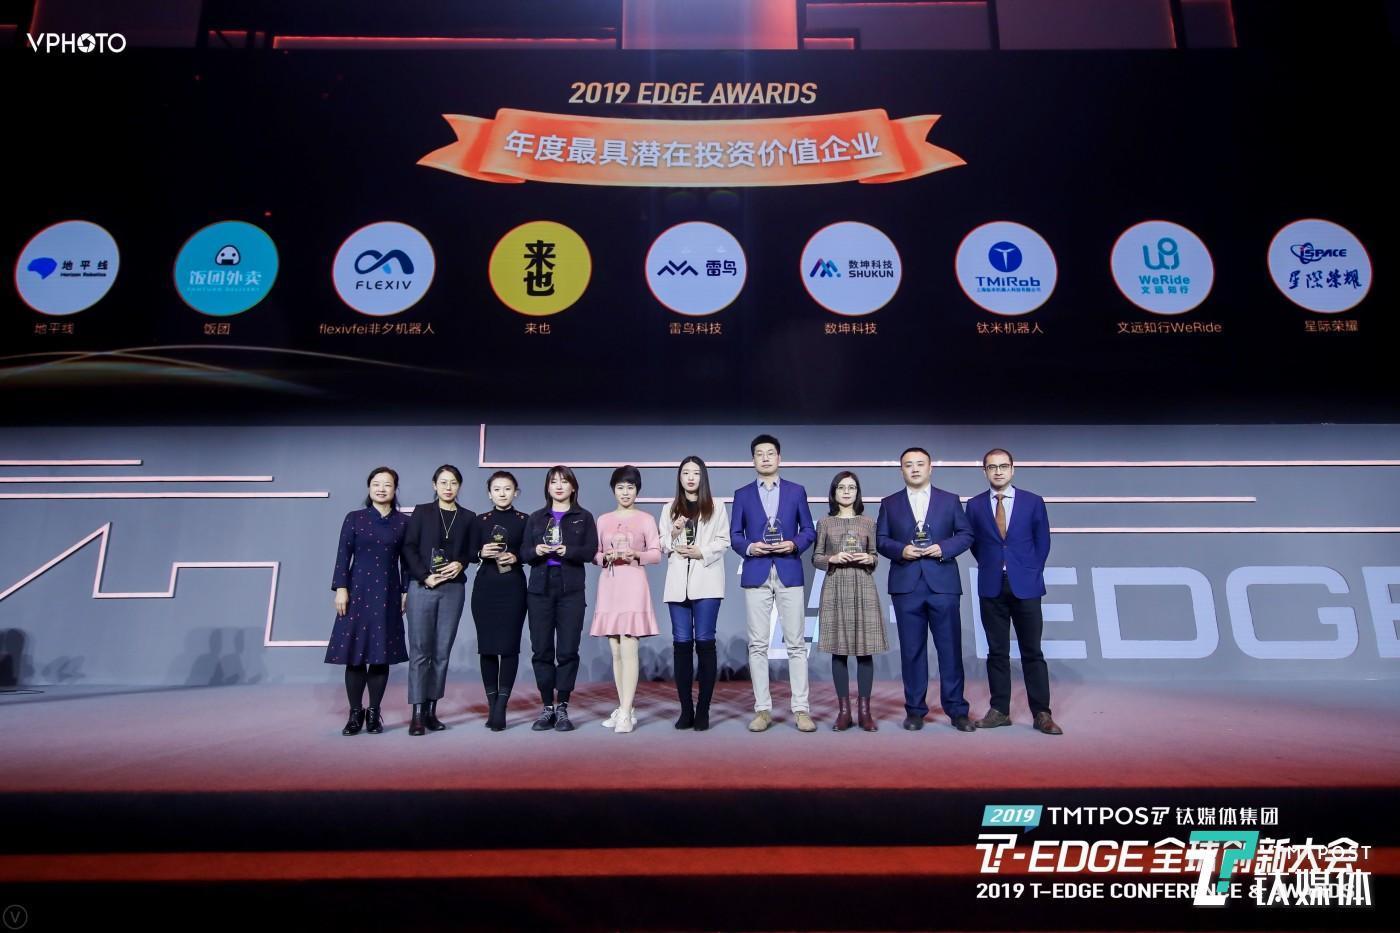 钛媒体 2019 EDGE Awards 之「年度最具潜在投资价值企业」榜单发布